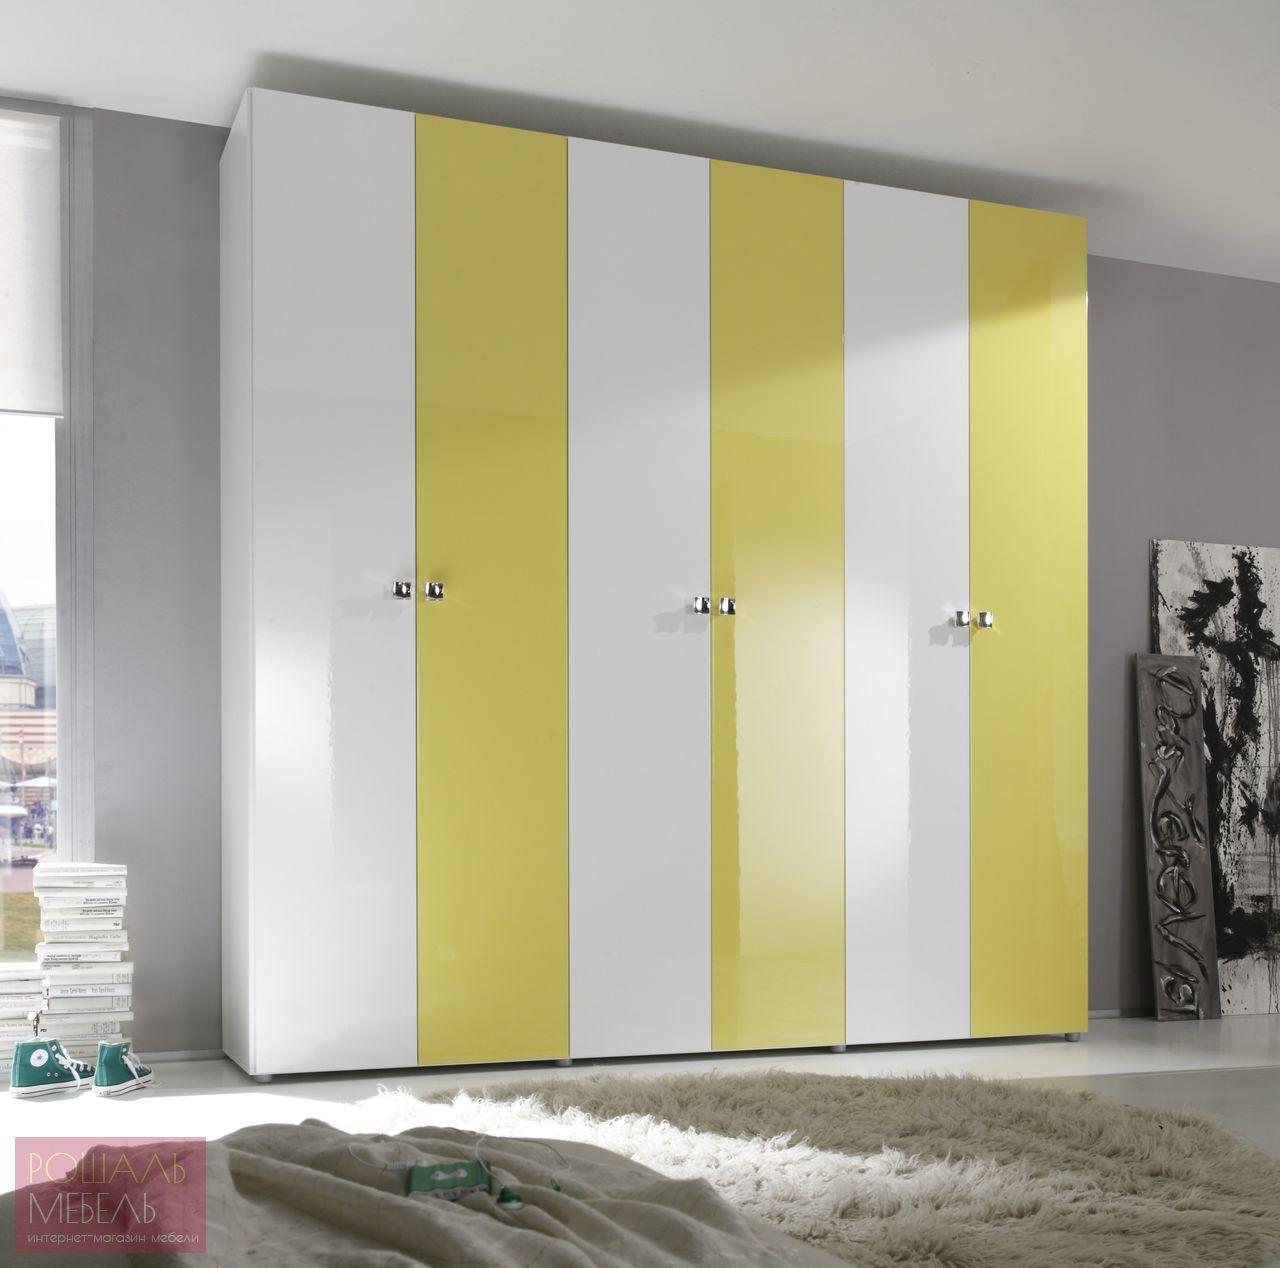 Желто-белый шкаф